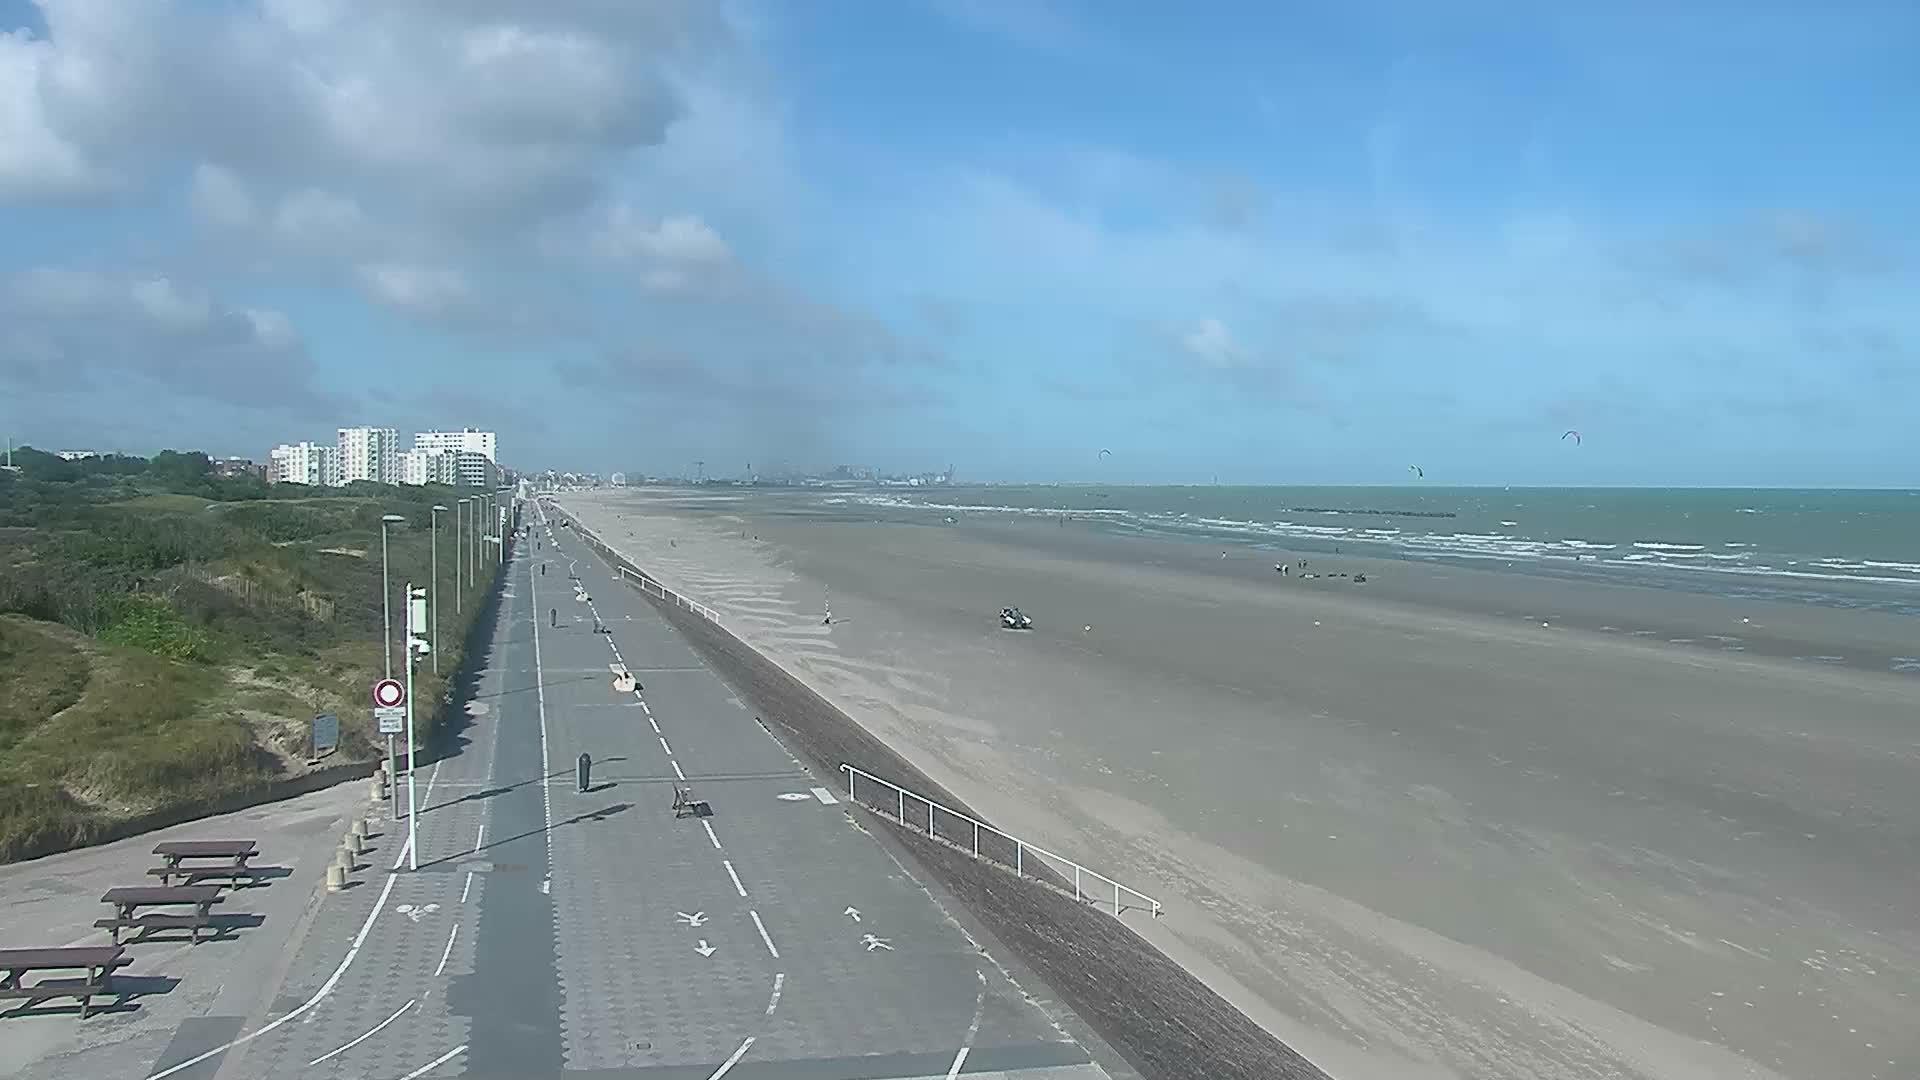 Dunkirk Sun. 10:26